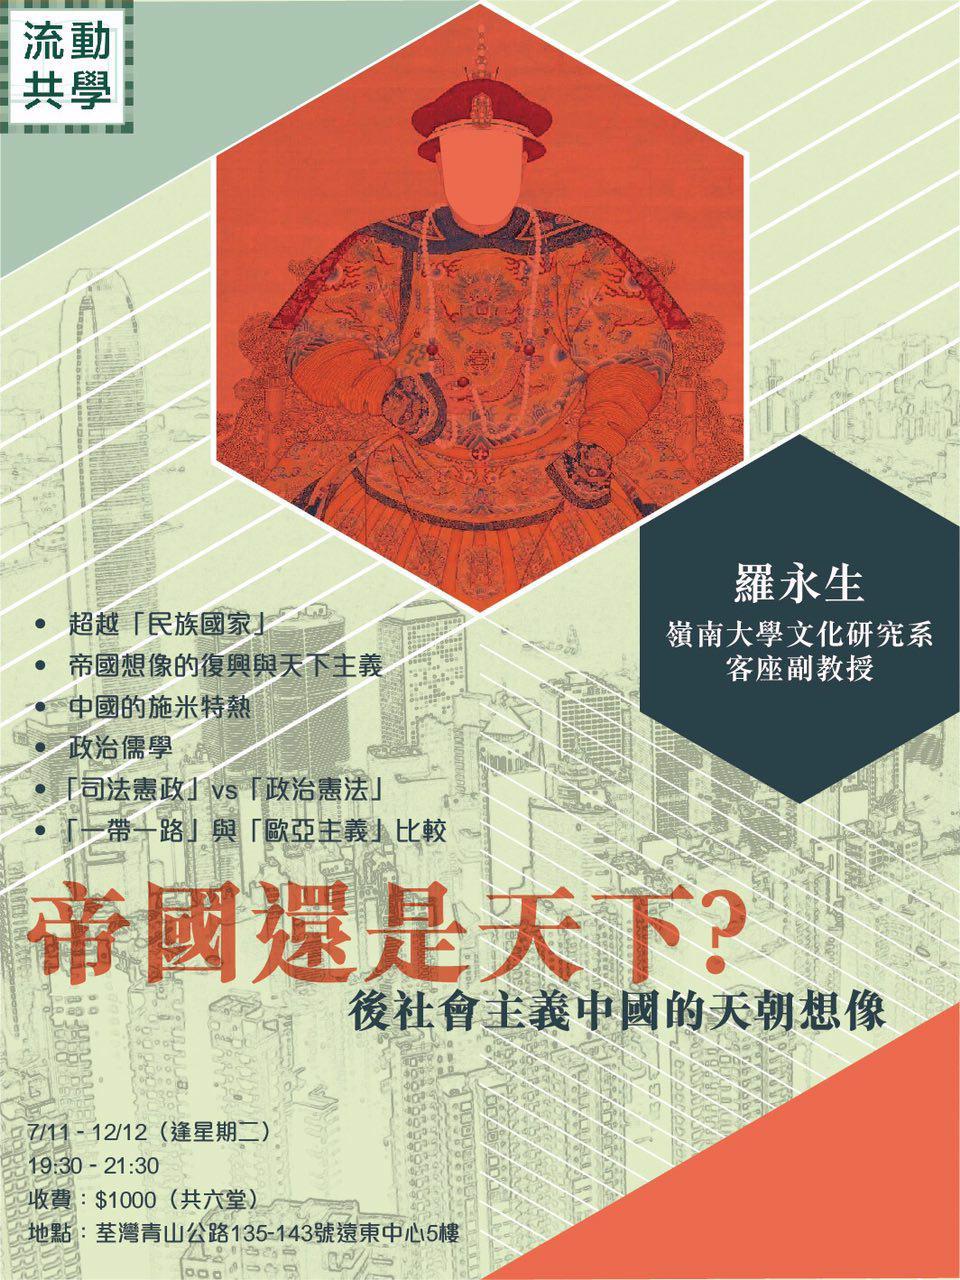 帝國還是天下poster20170927